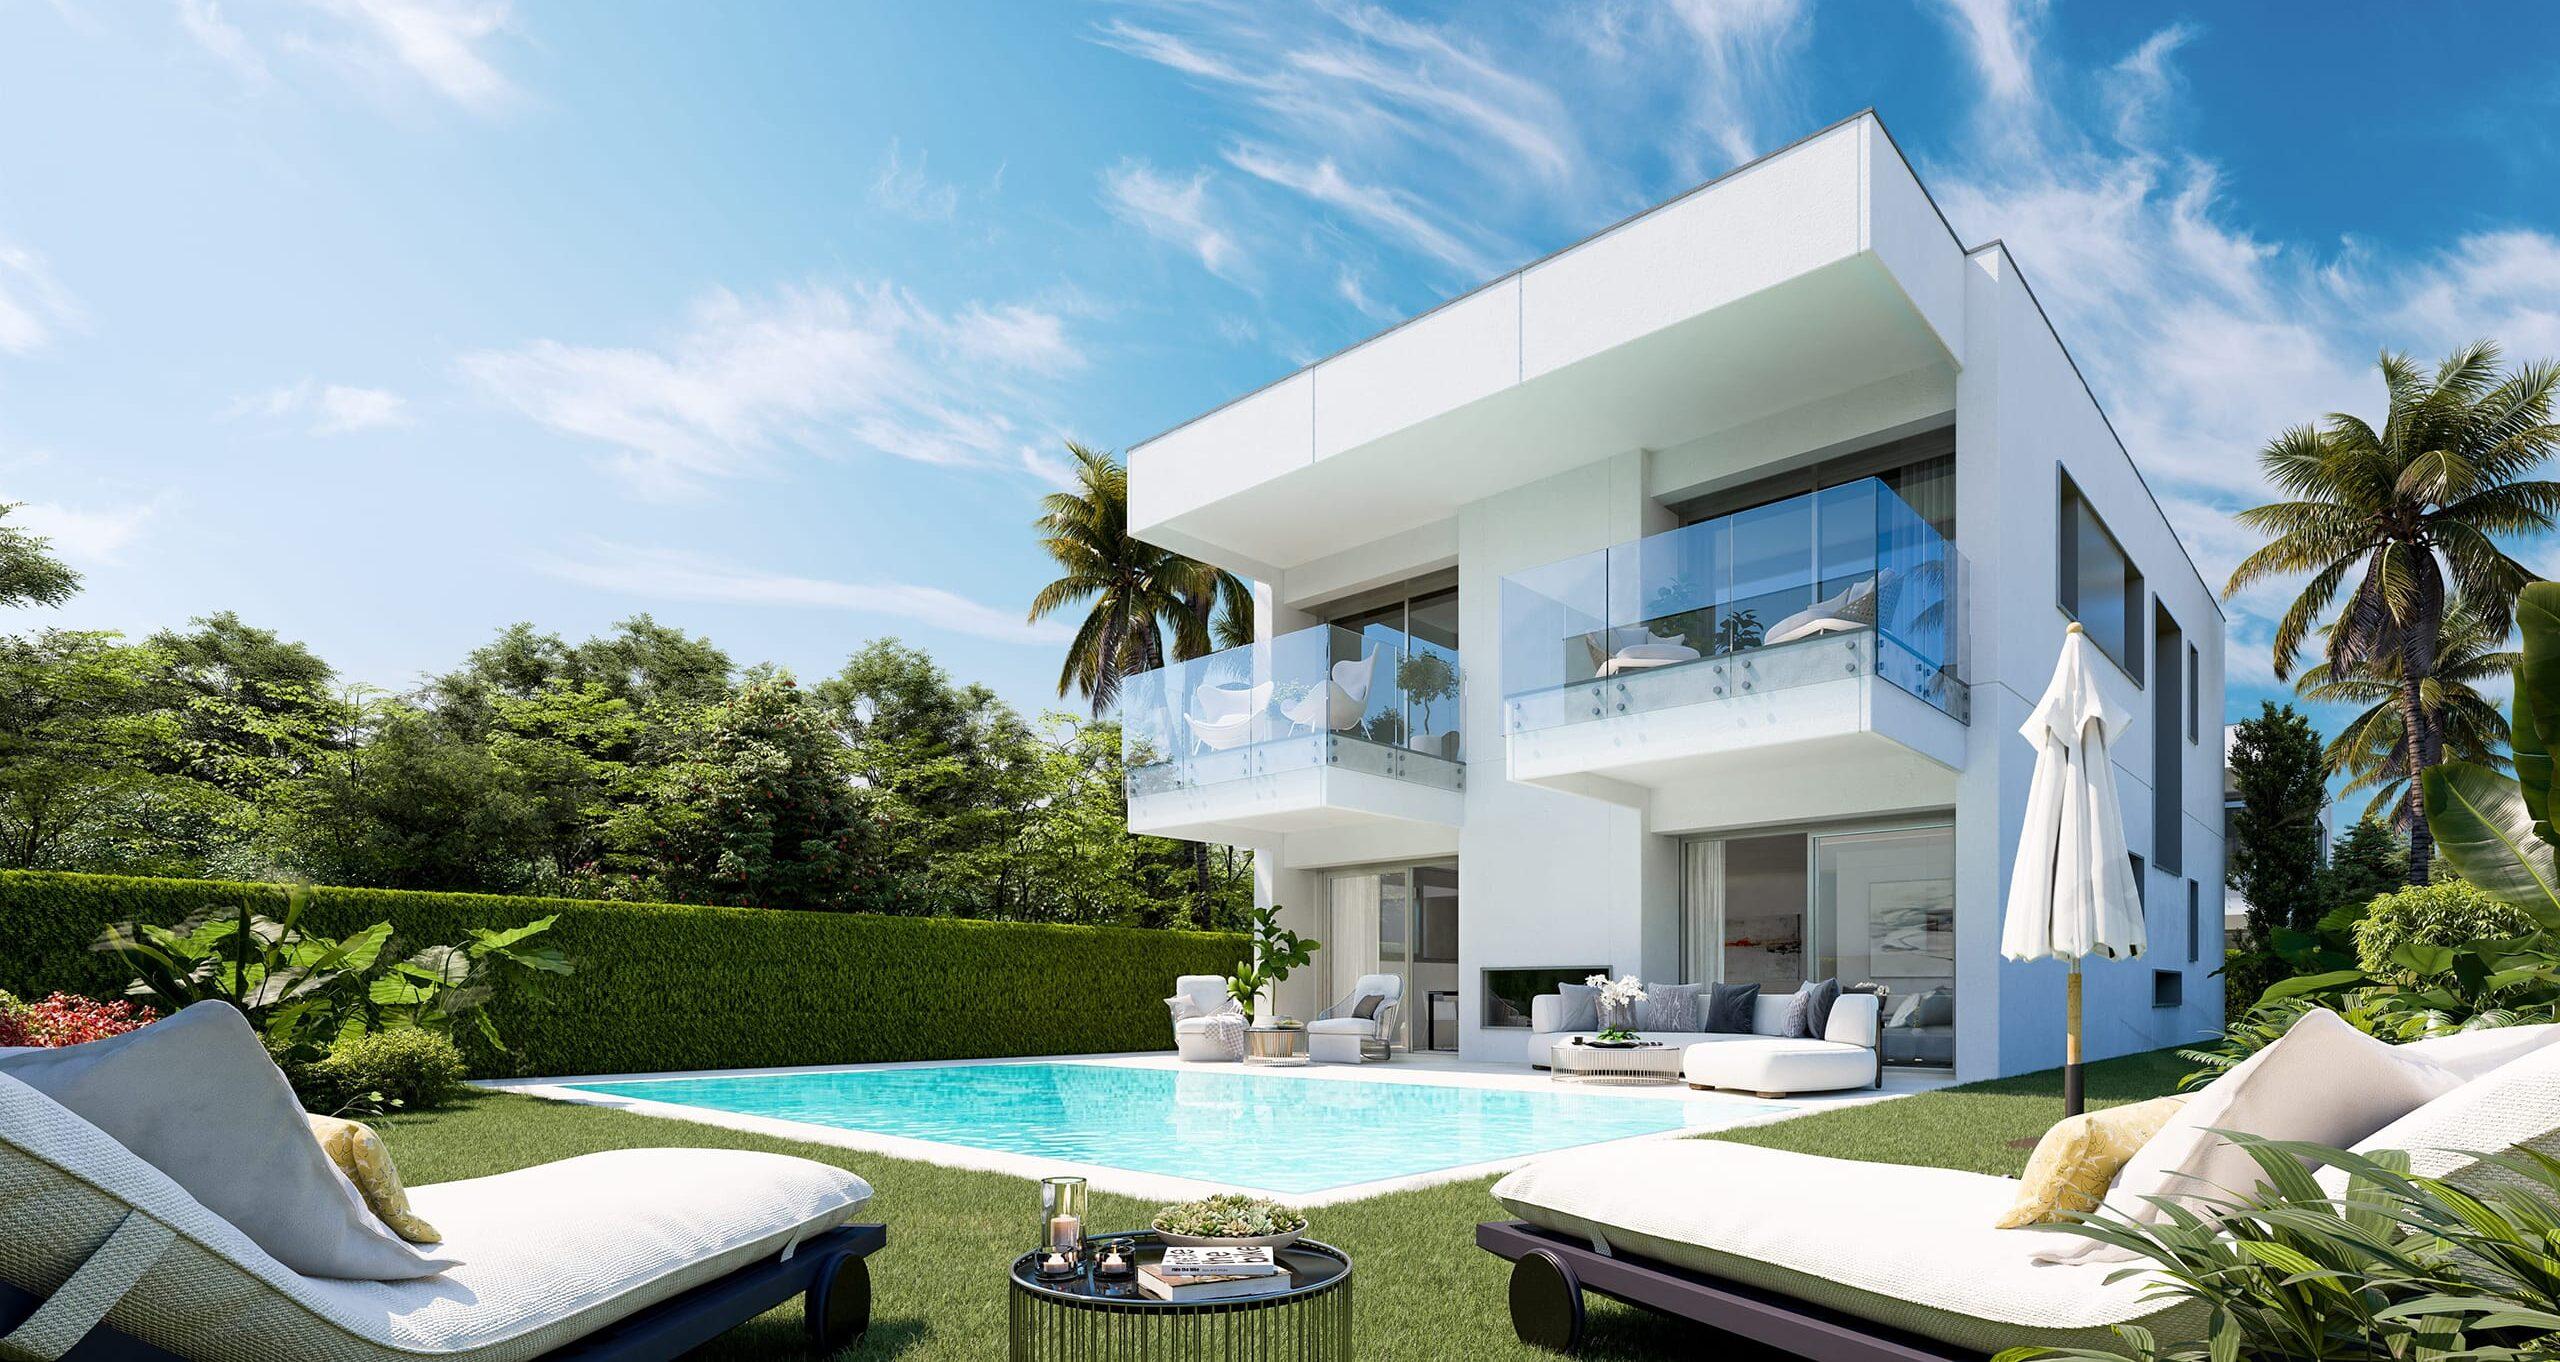 Combinaison de maisons modernes dans un emplacement de choix à Marbella